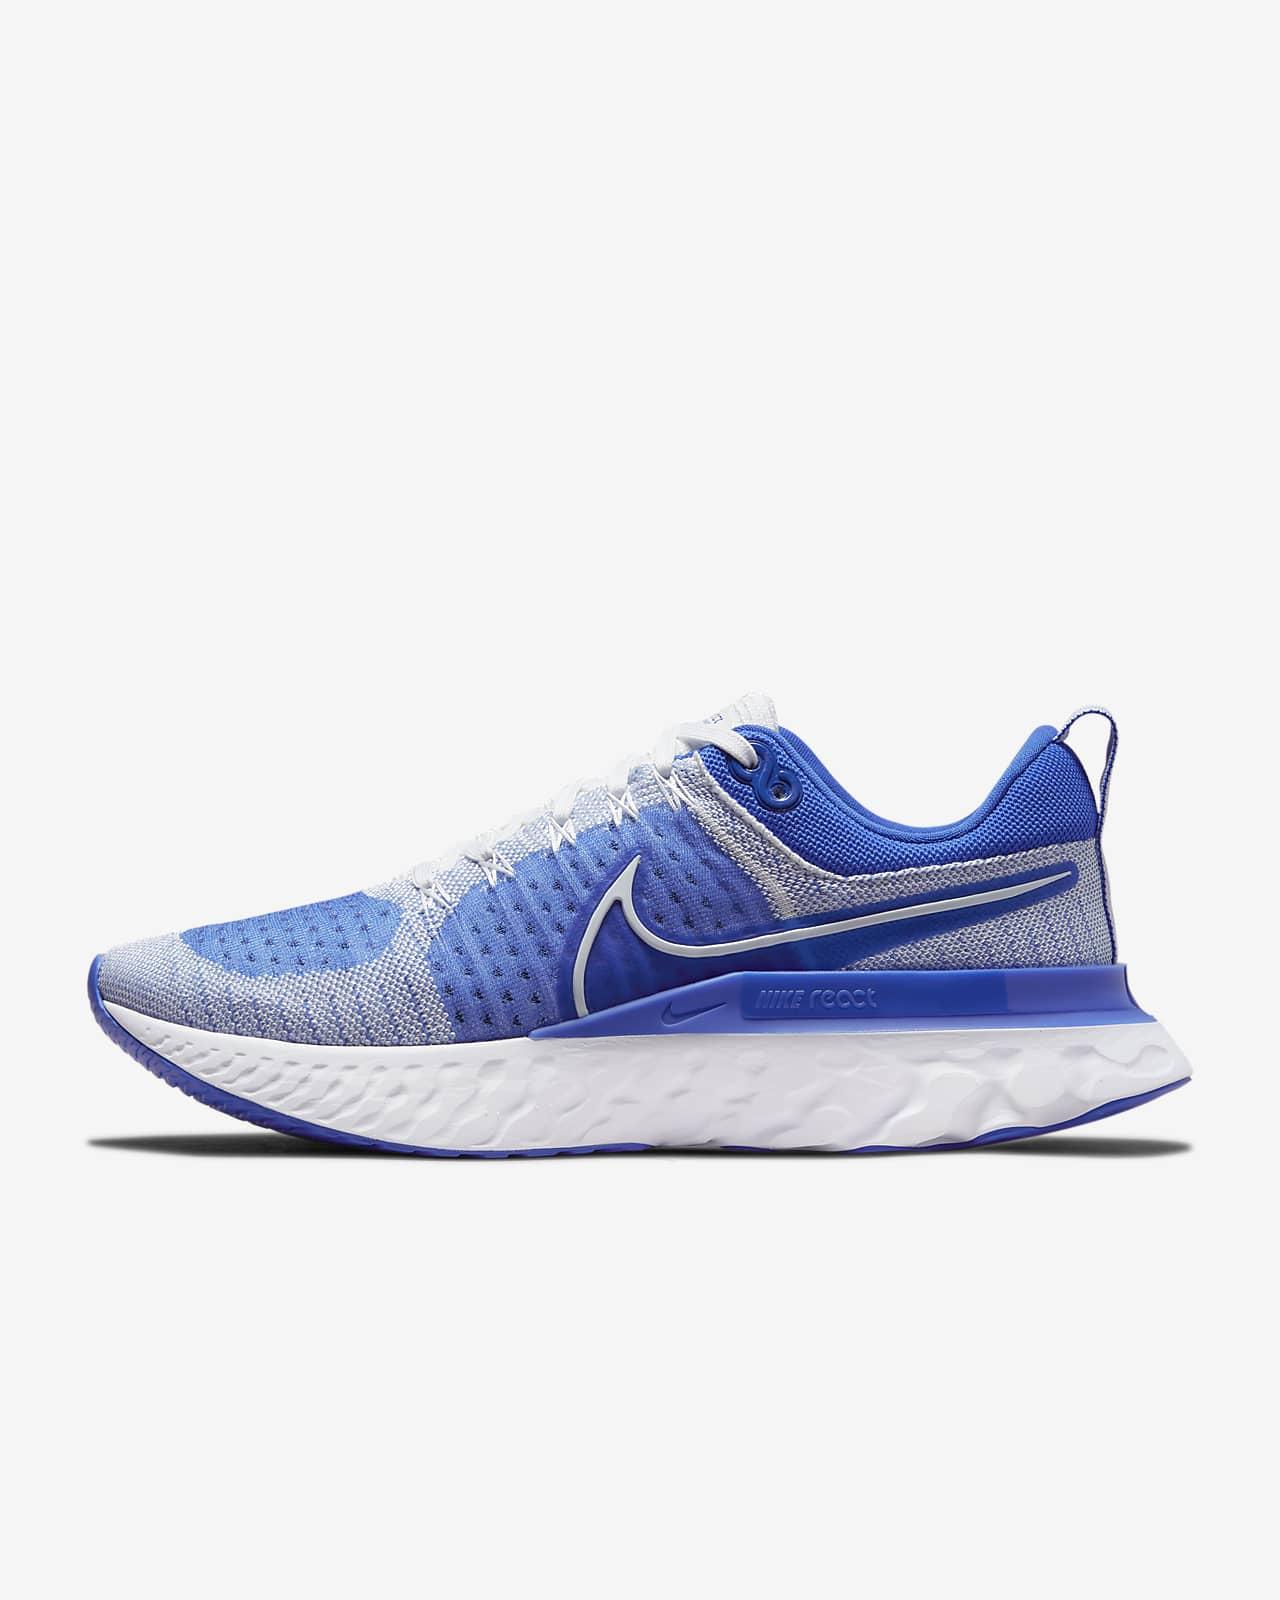 Nike React Infinity Run Flyknit 2 Men's Running Shoes